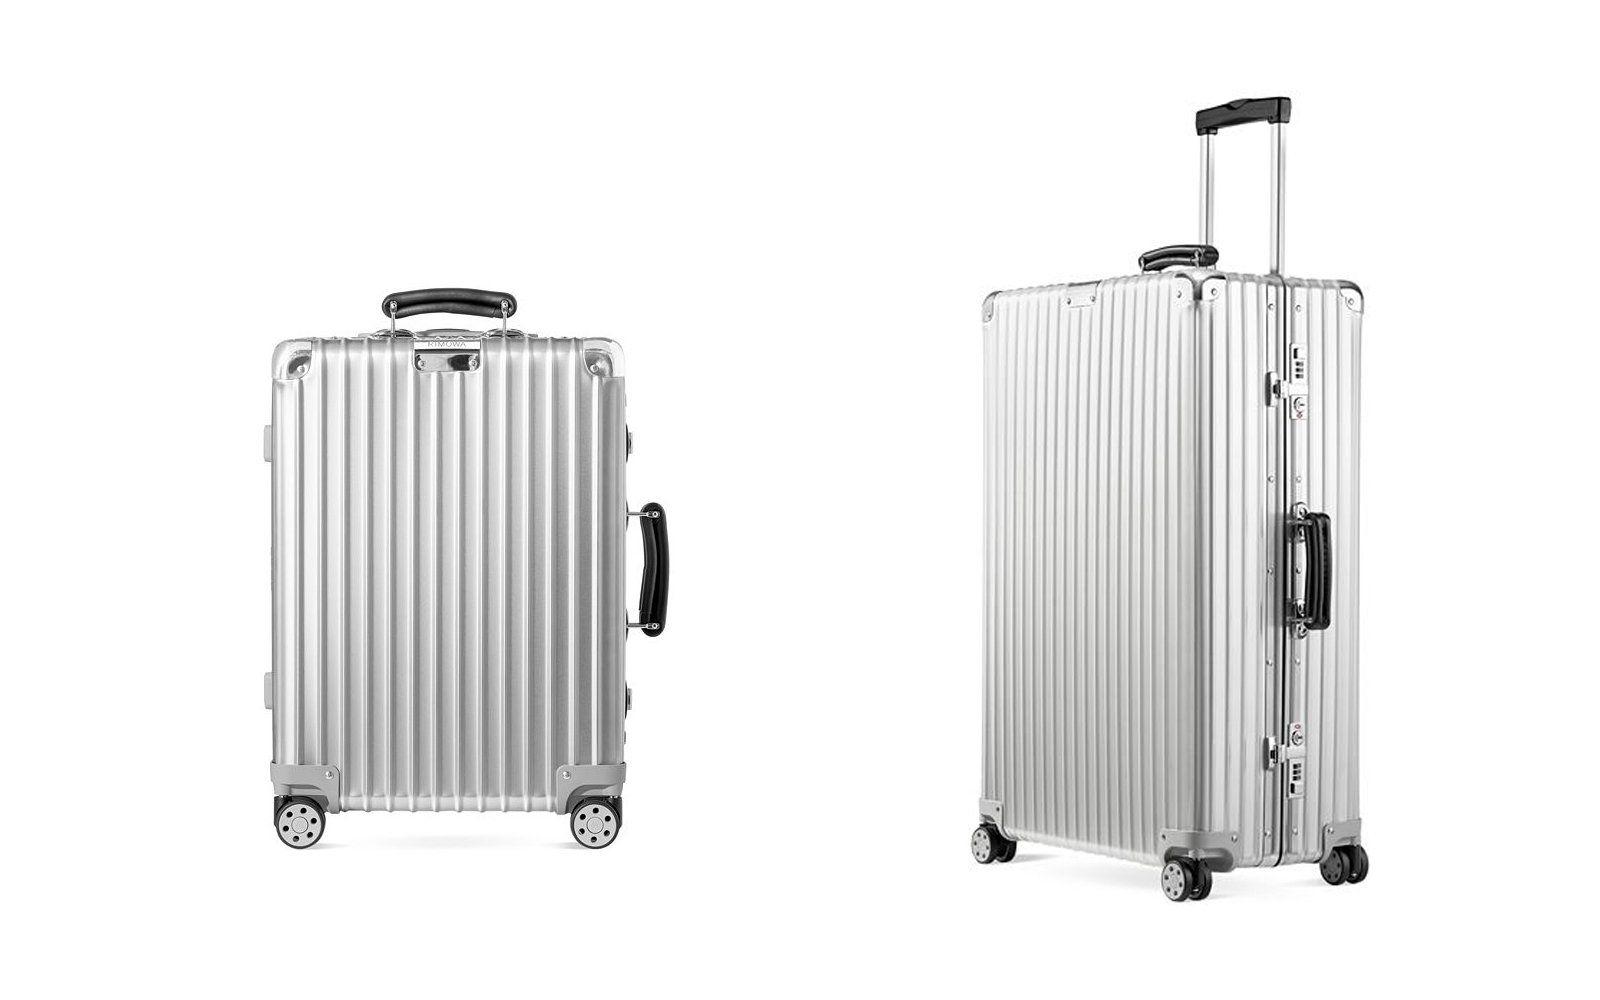 Gucci Rimowa travel bags case   Rimowa, Travel bags, Bags